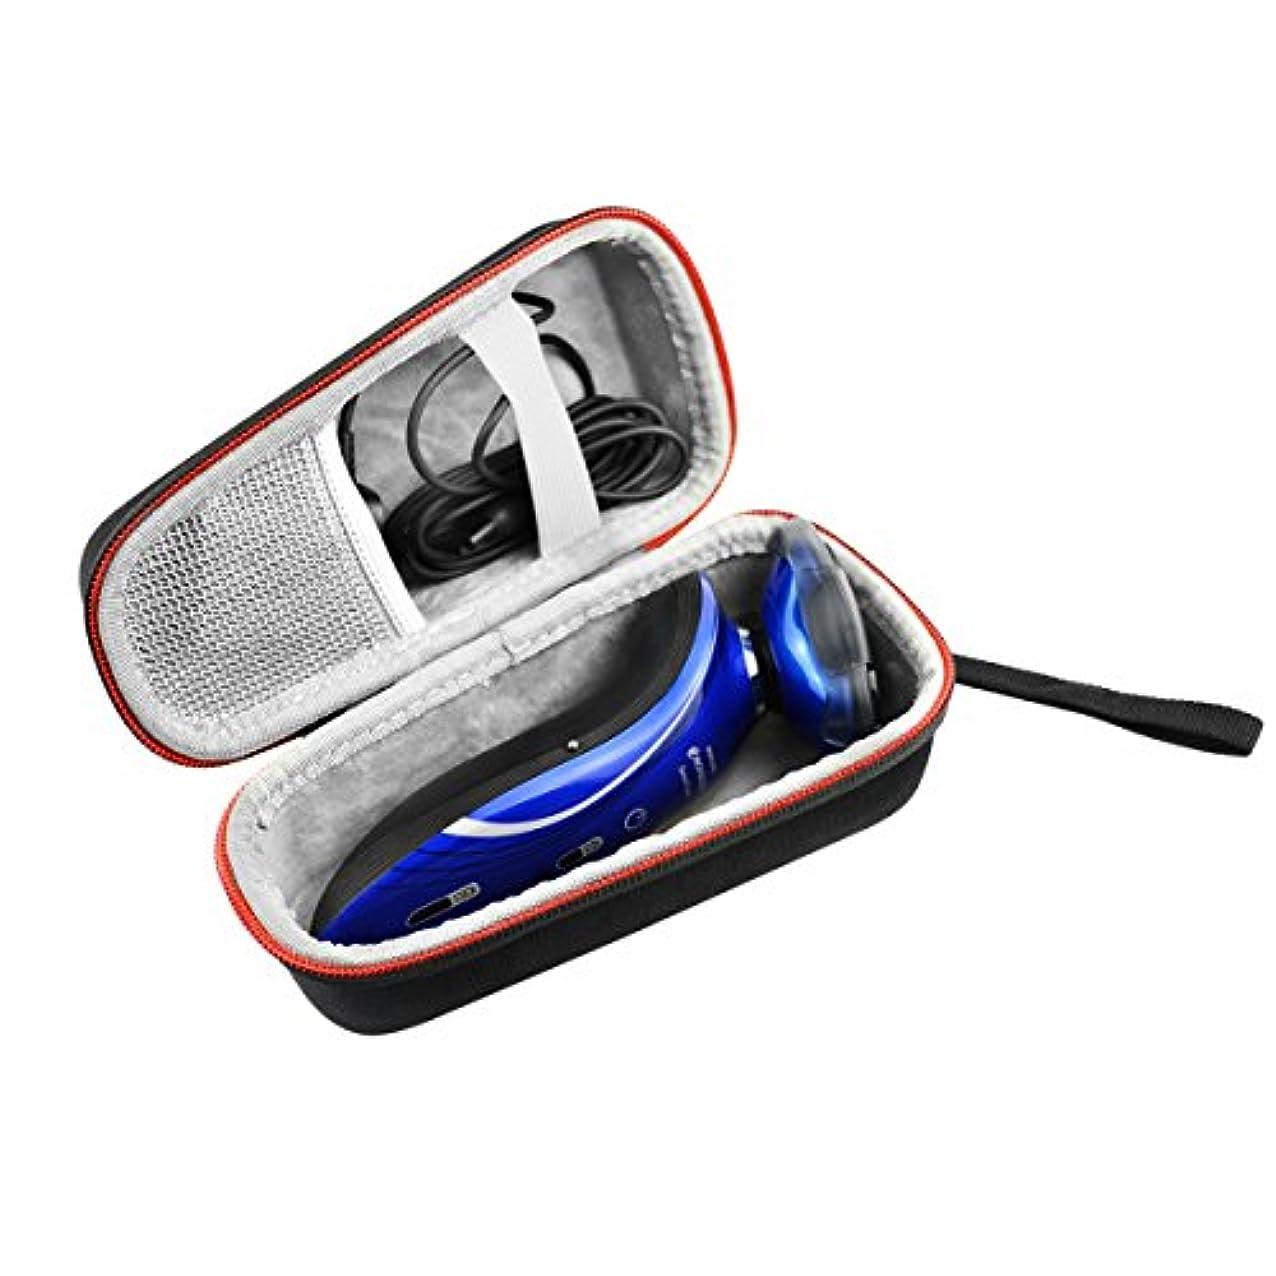 公平な尊敬する鰐Philips フィリップス メンズシェーバー 5000シリーズ S5390/26 S5390/12 S5397/12 S5076/06 S5212/12 S5272/12 S5251/12 S5075/06 S5050...